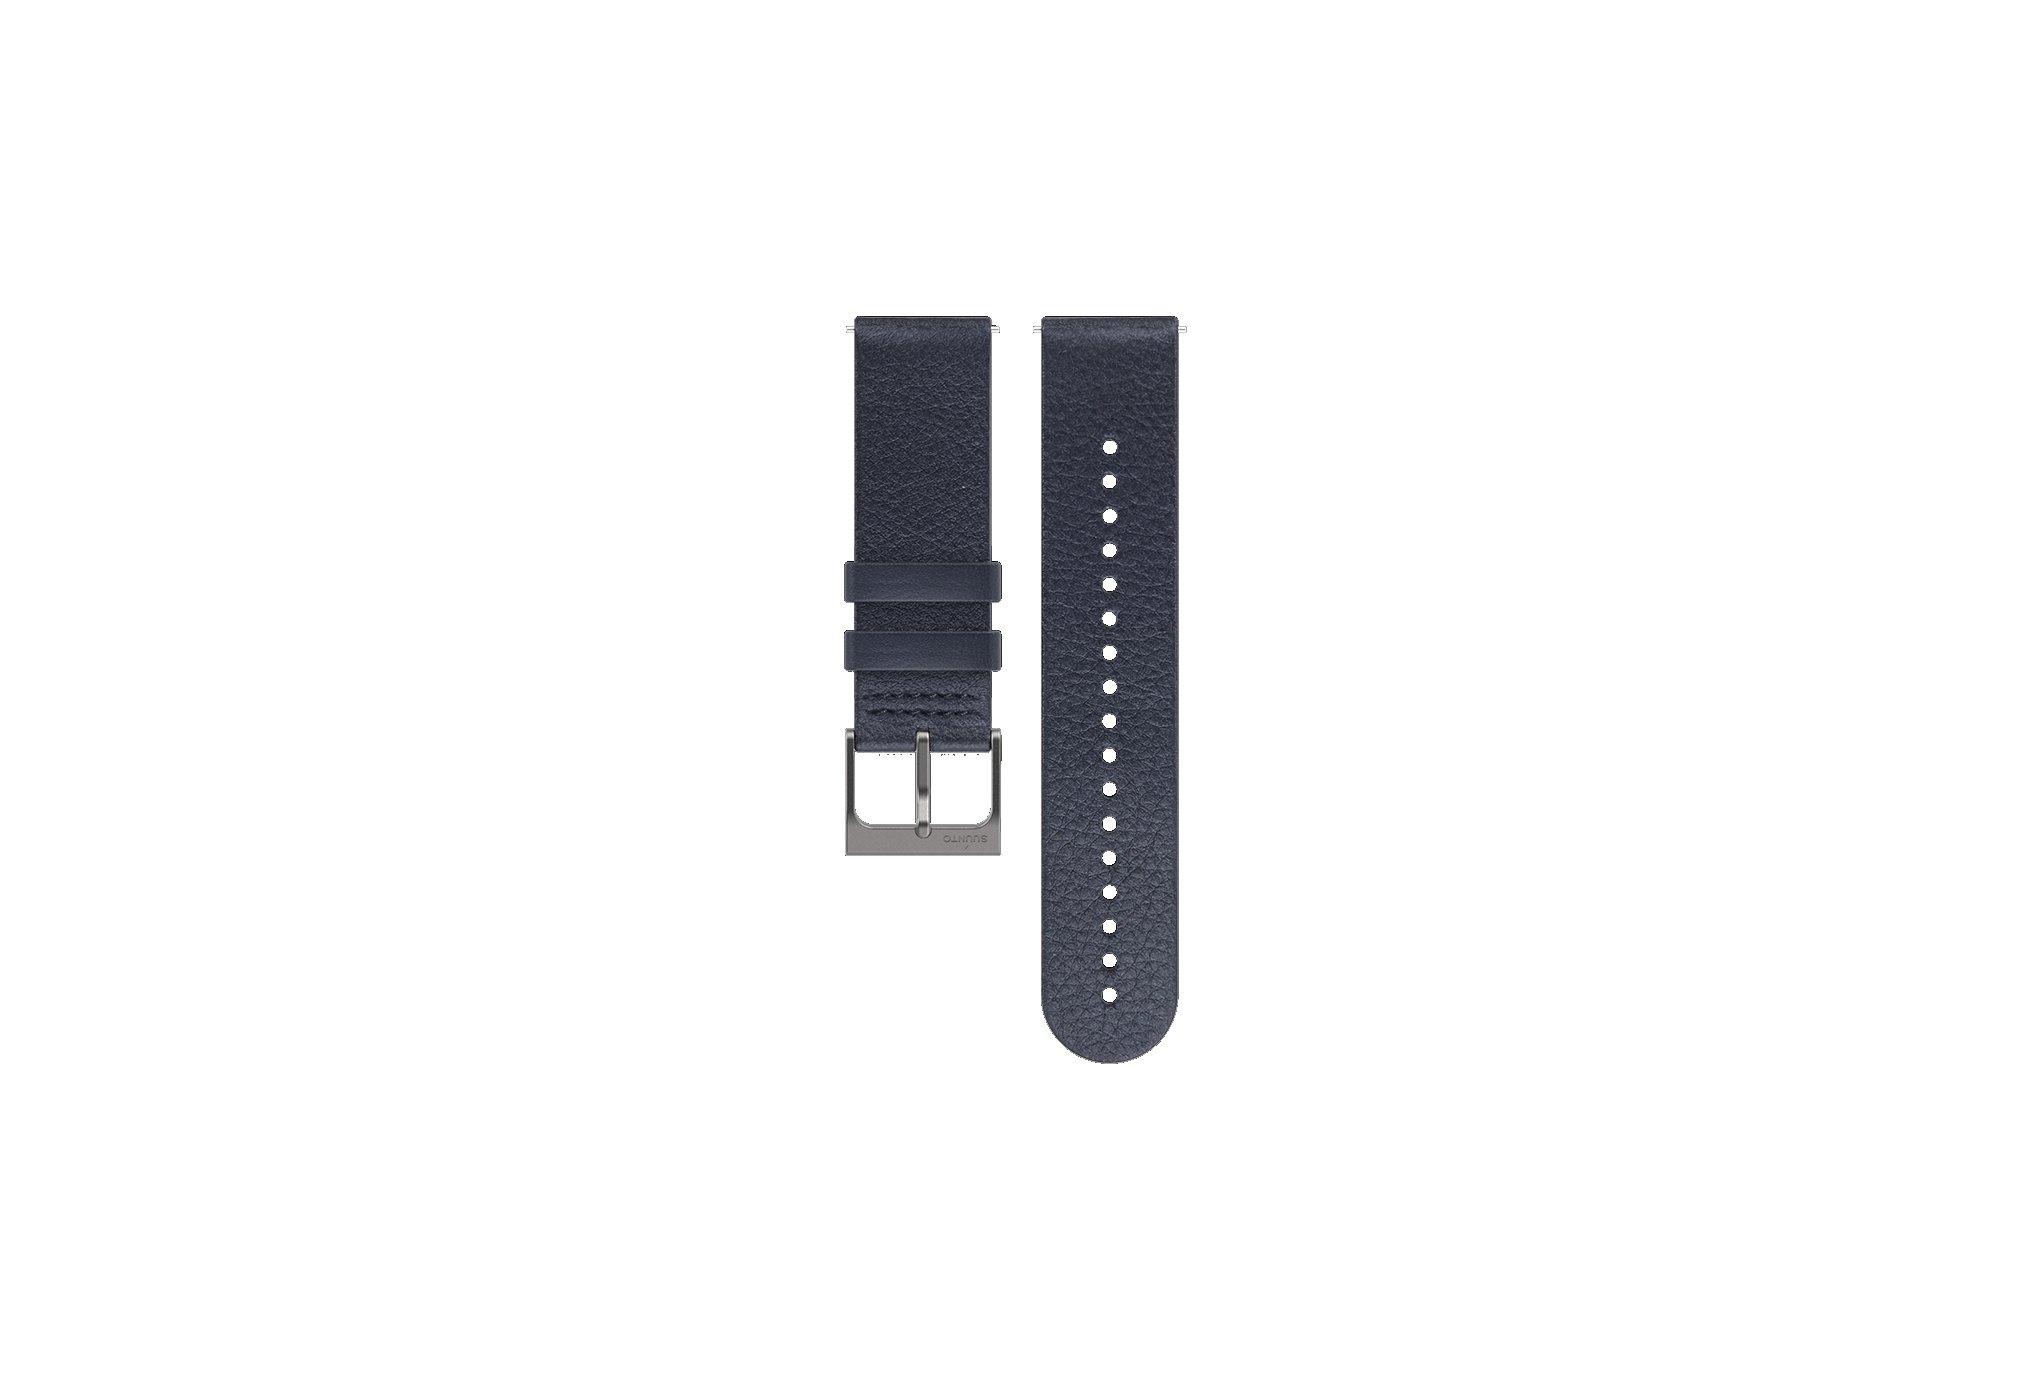 Suunto Bracelet cuir Urban 6 -22 mm M Accessoires montres/ Bracelets